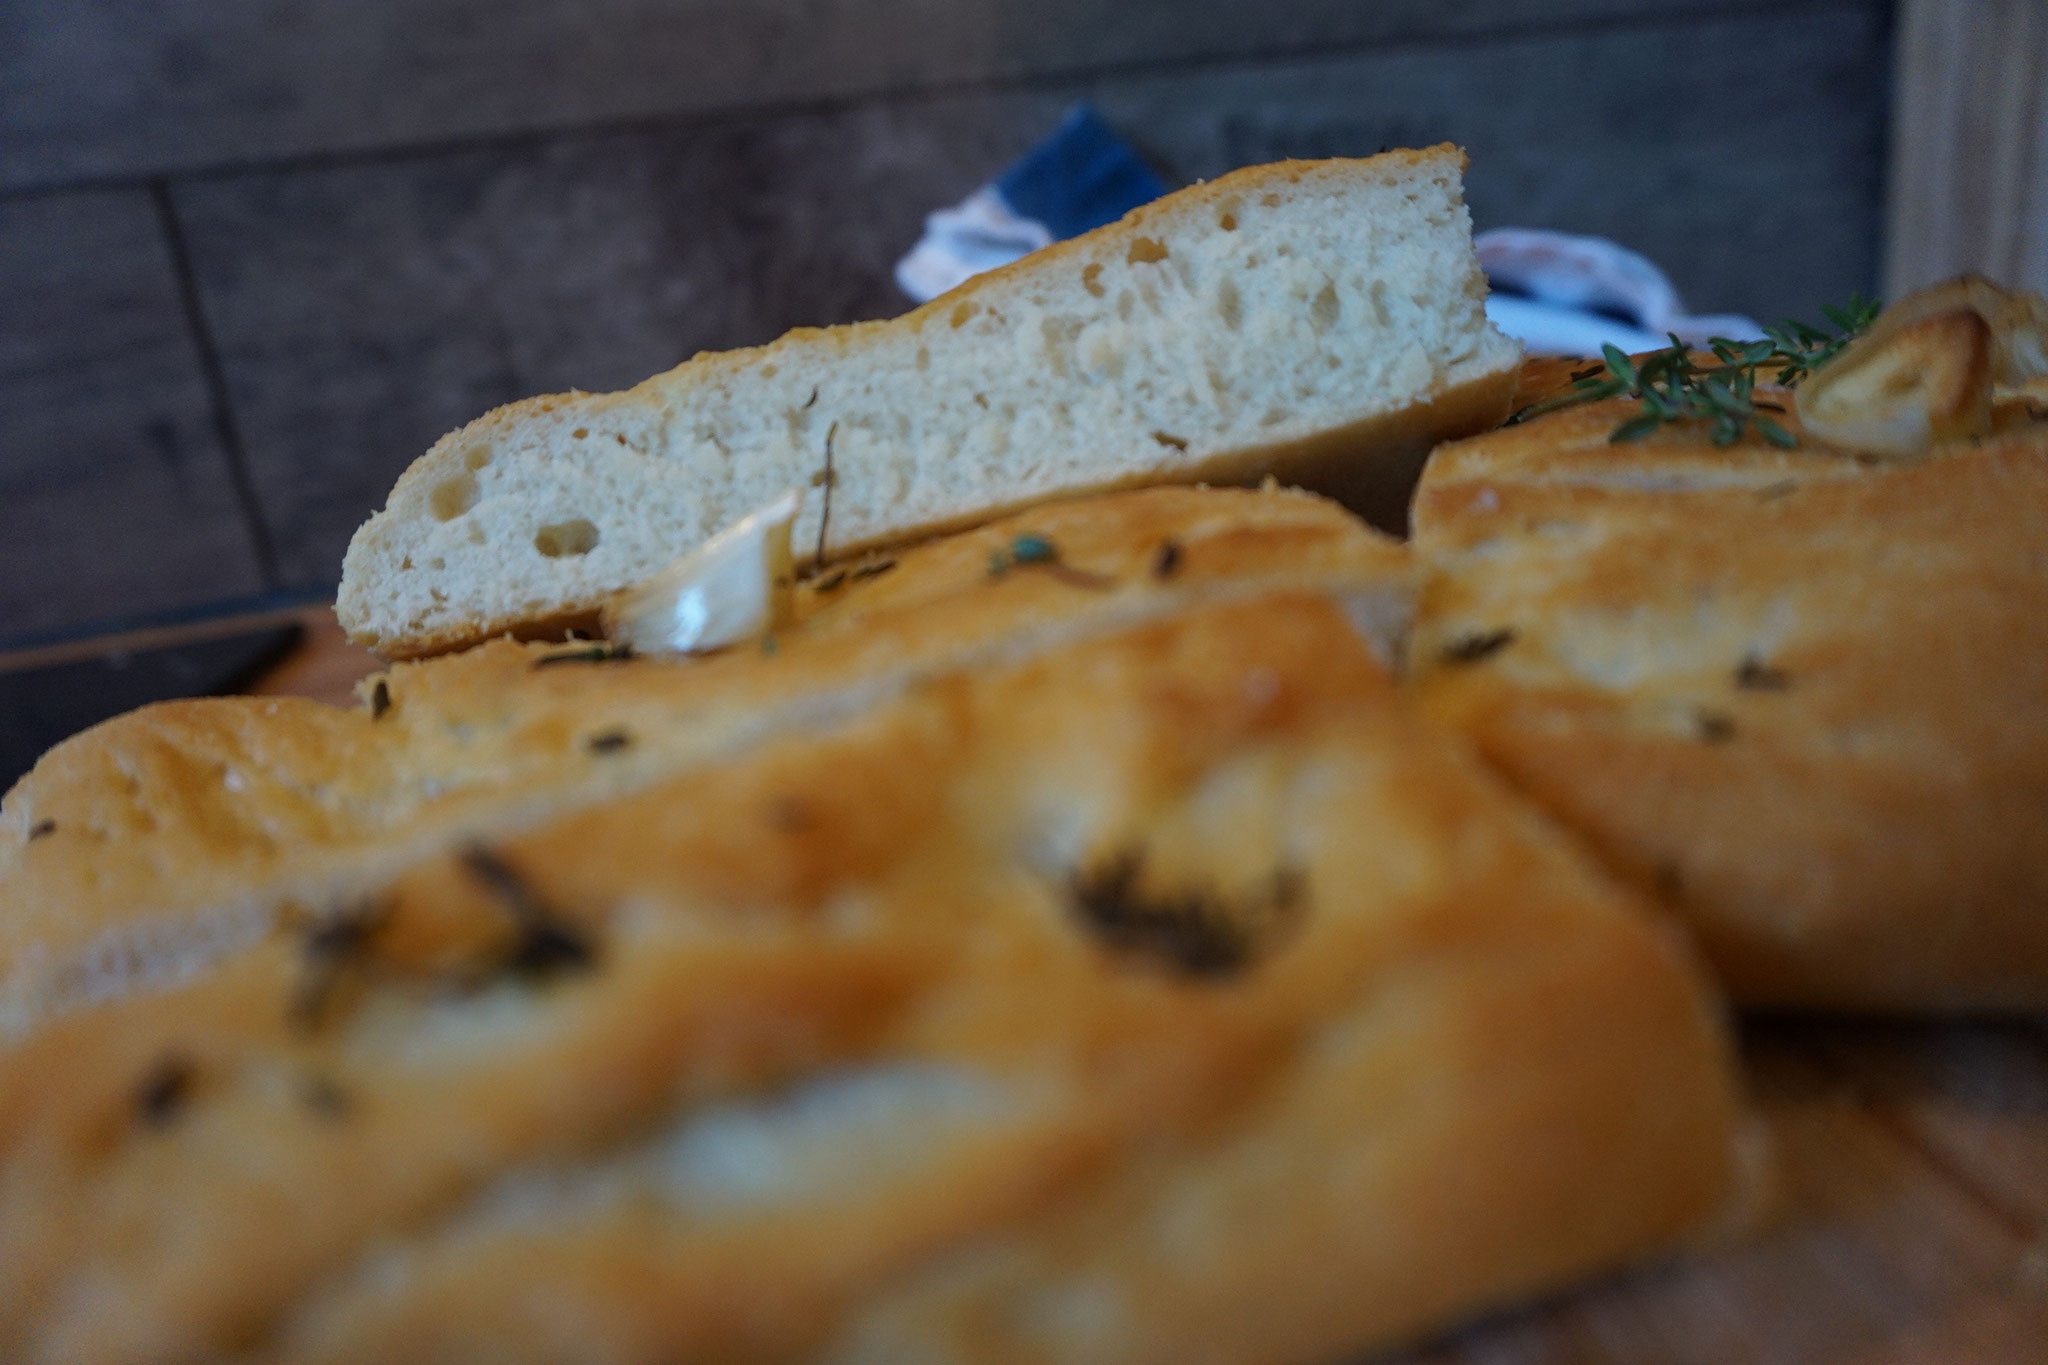 Bestes Focaccia Rezept nach Jamie Oliver. Focaccia mit Rosmarin und Olivenoel